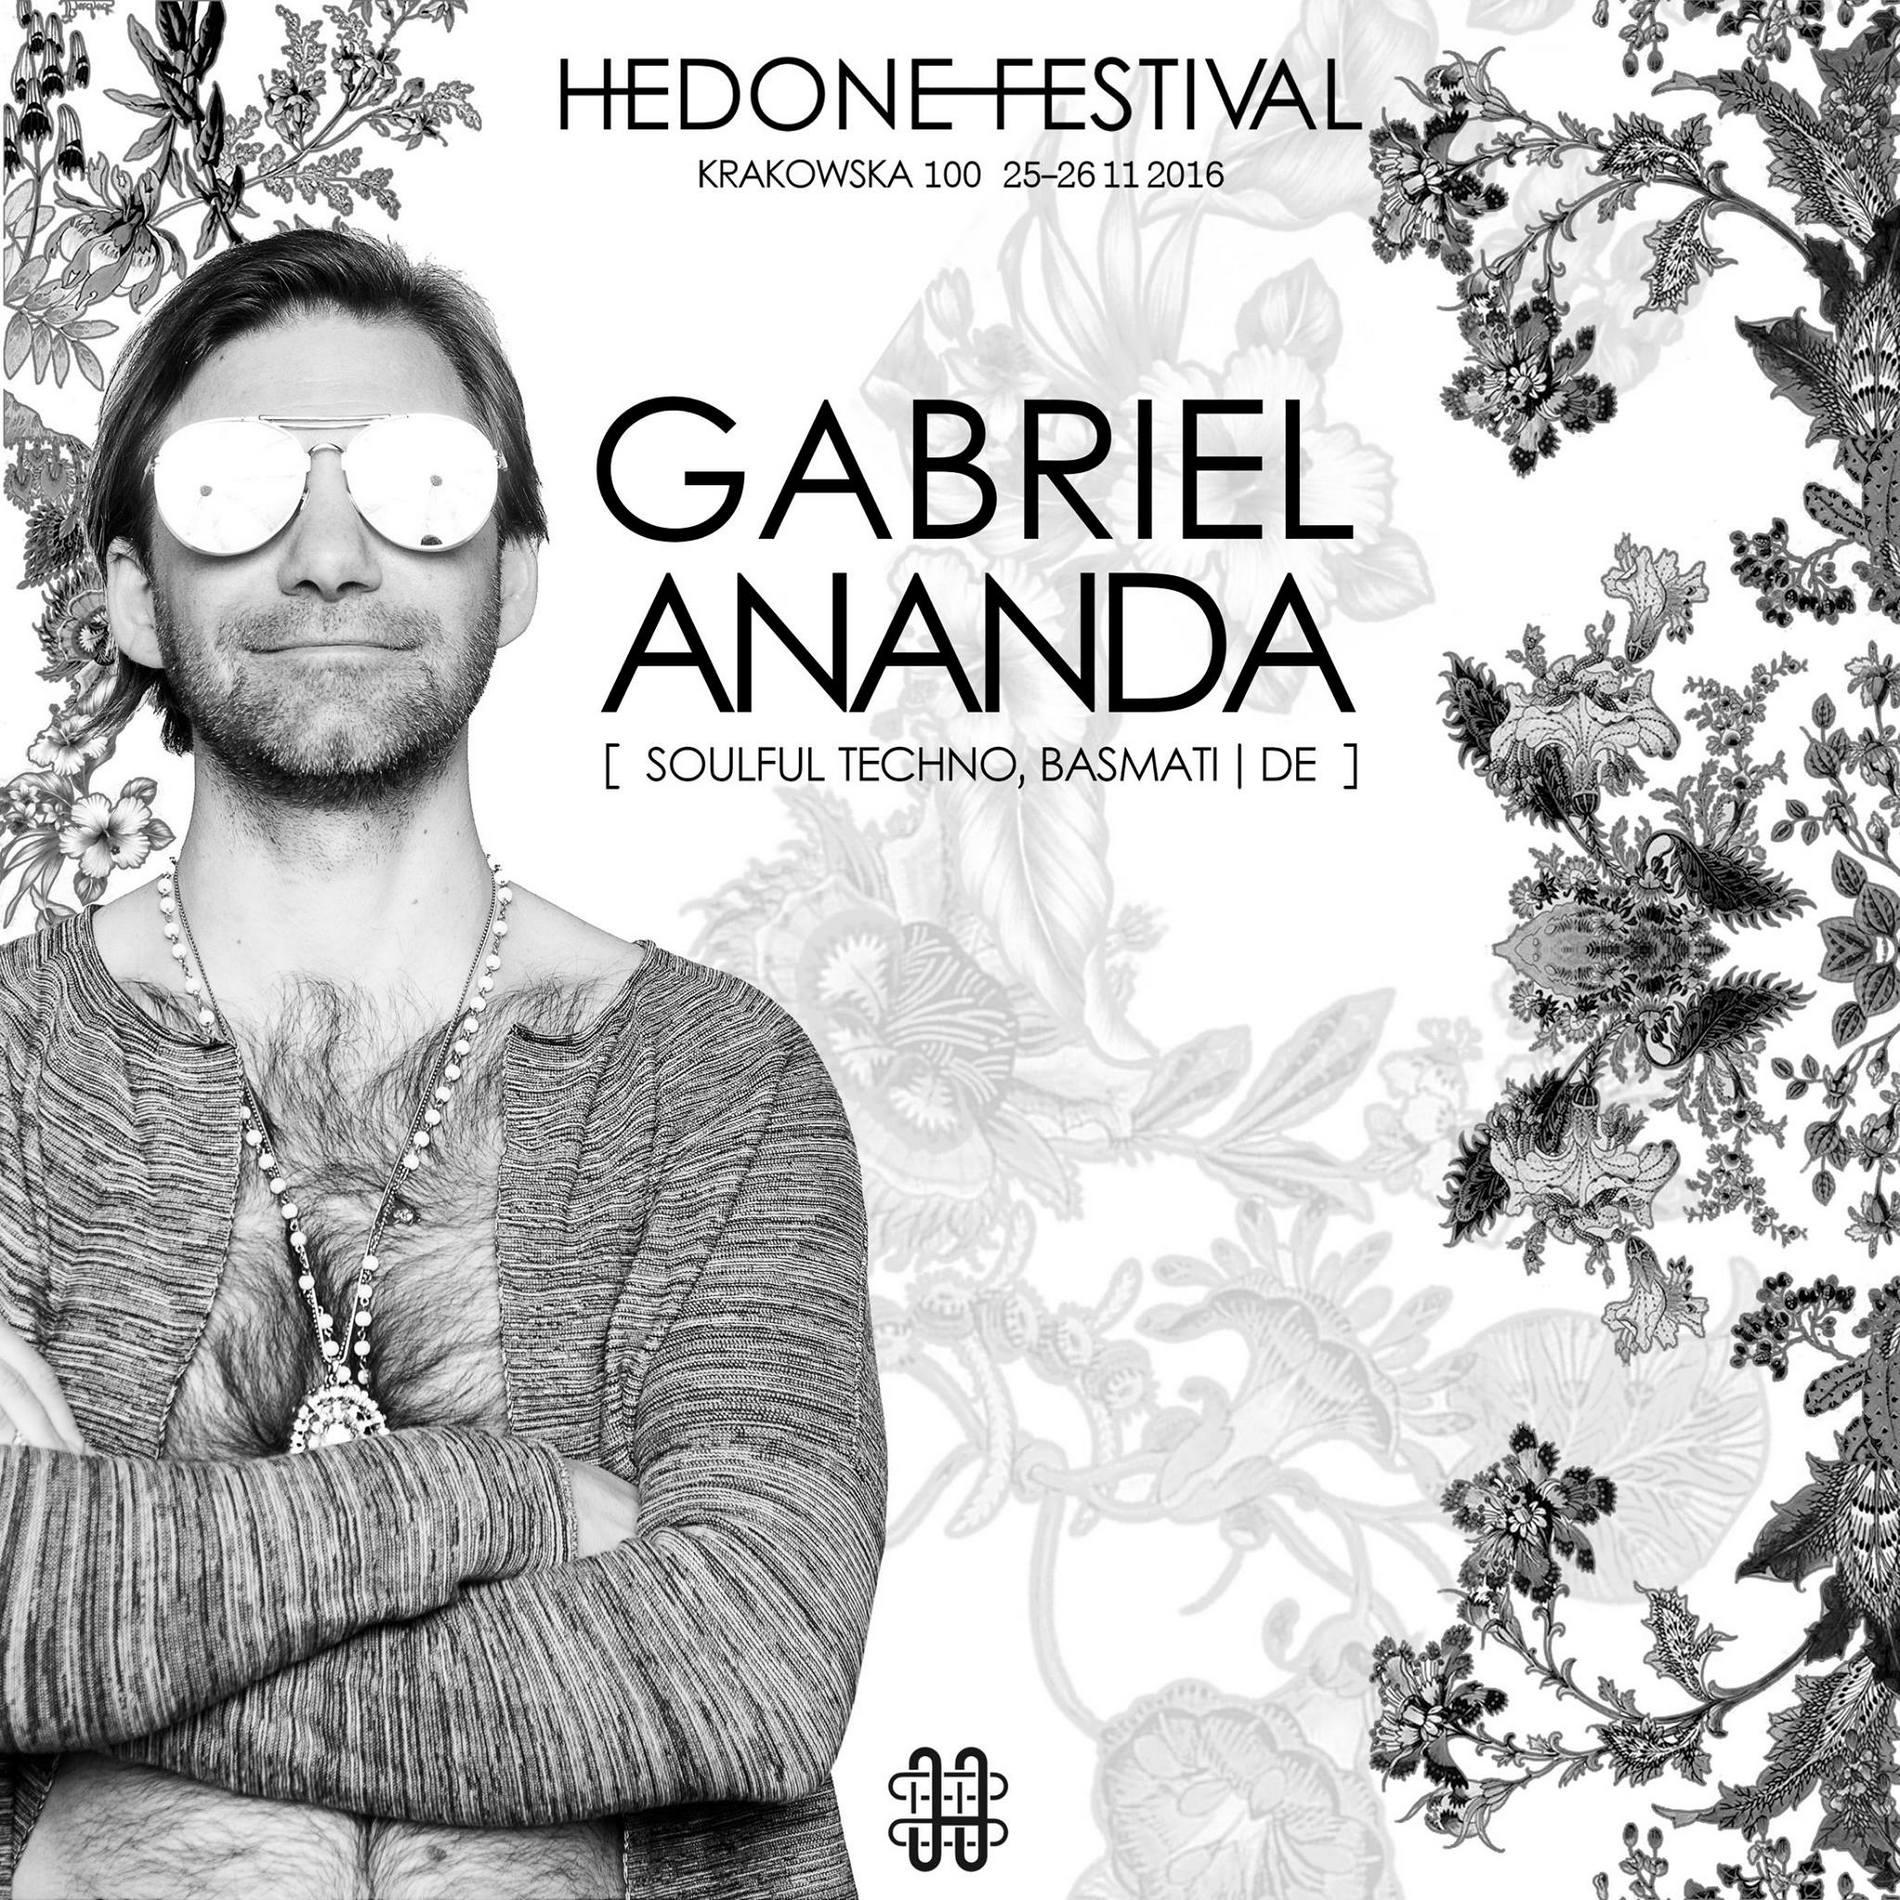 Gabriel Ananda (źródło: materiały prasowe organizatora)